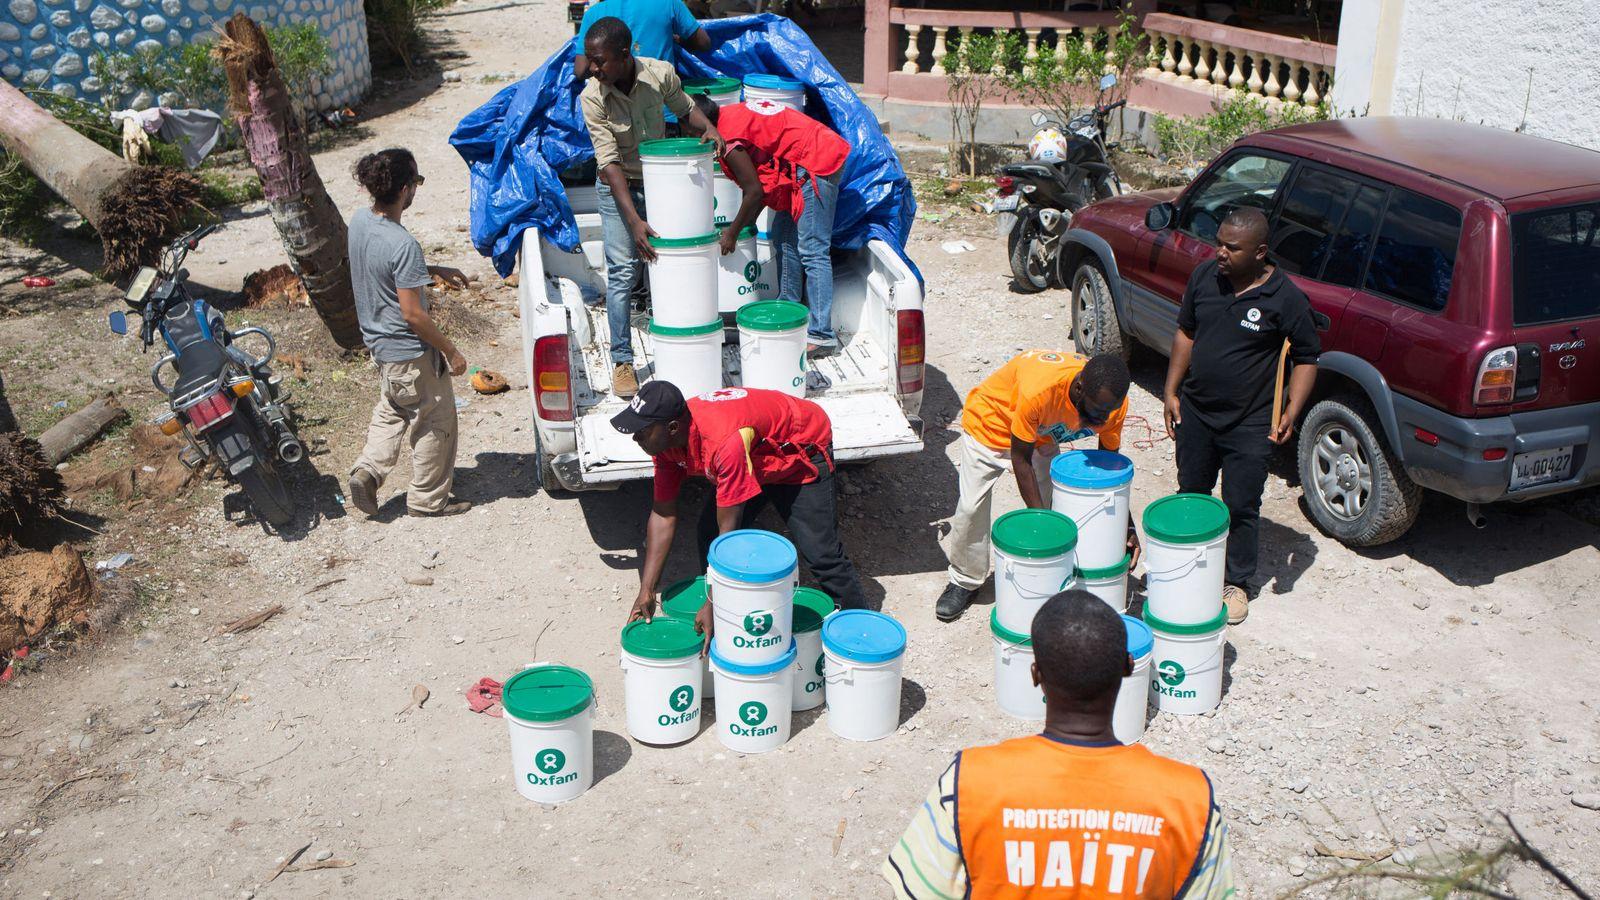 Foto: Miembros del equipo de emergencias de Oxfam entregan kits de higiene para evitar la propagación del cólera en la localidad de Camp Perrin, en el departamento del Sur (Haití). (EFE)